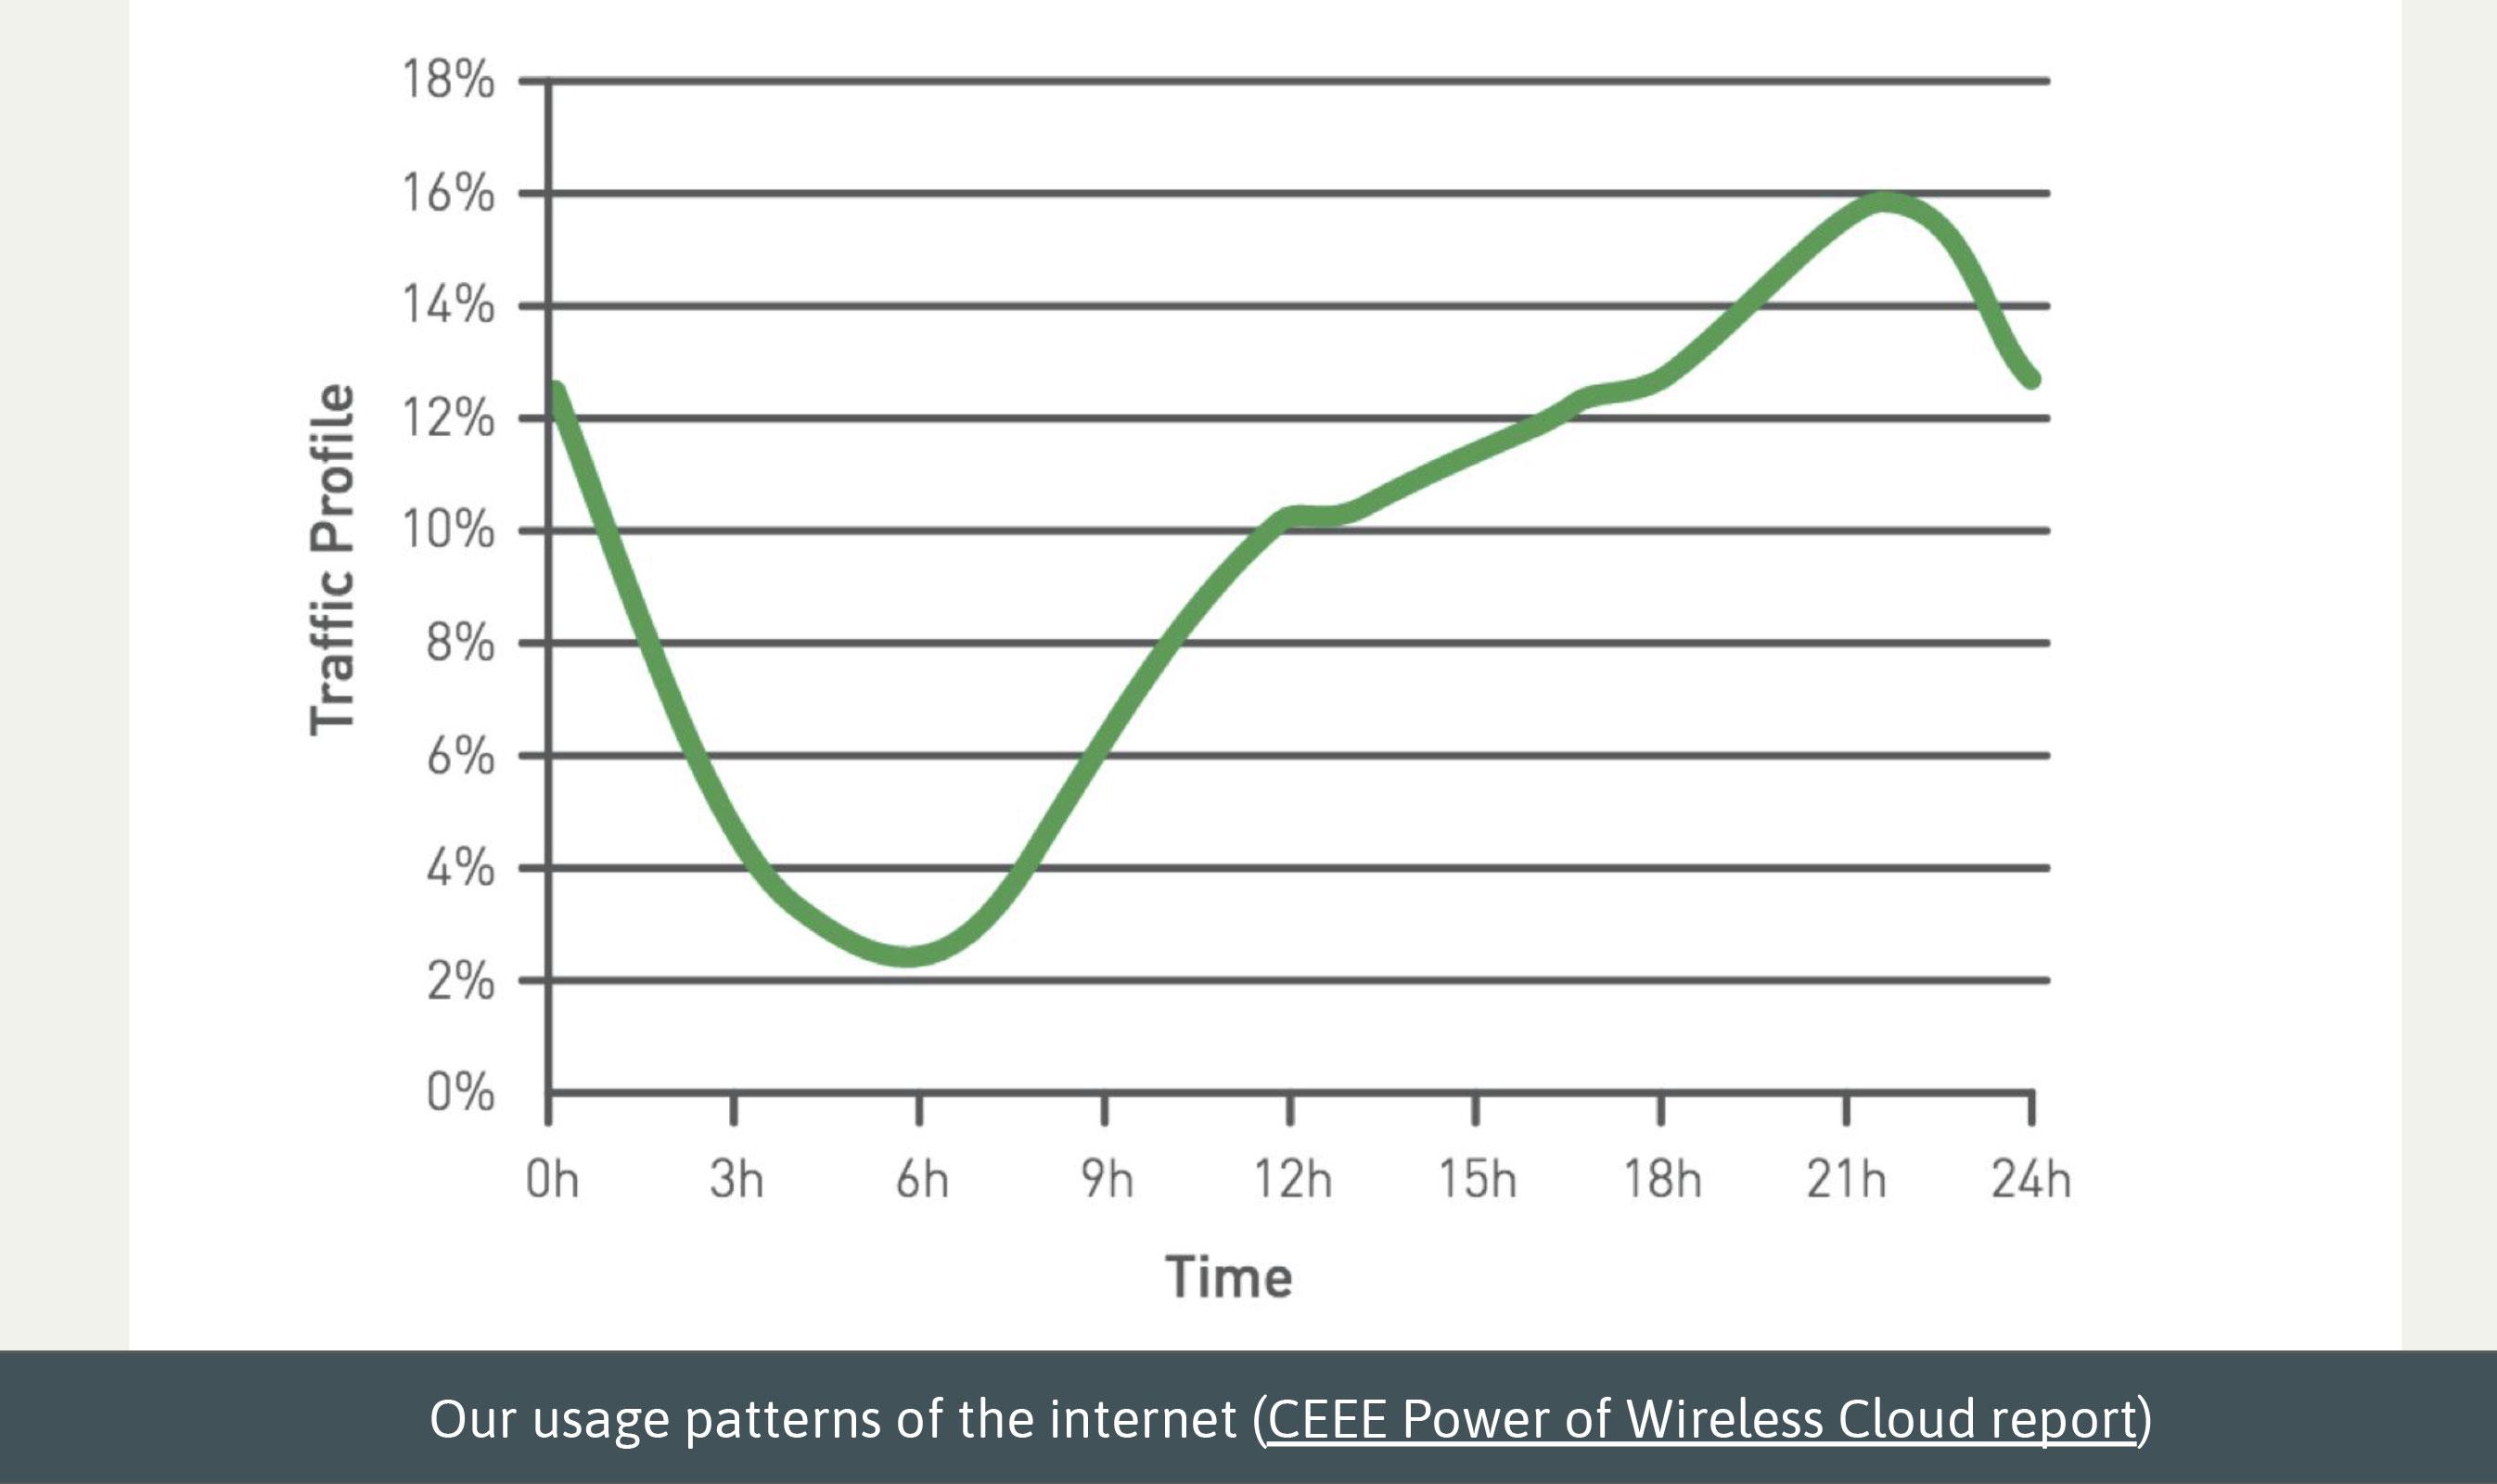 Typische Verteilungskurve des Internetverkehrs während eines Tages